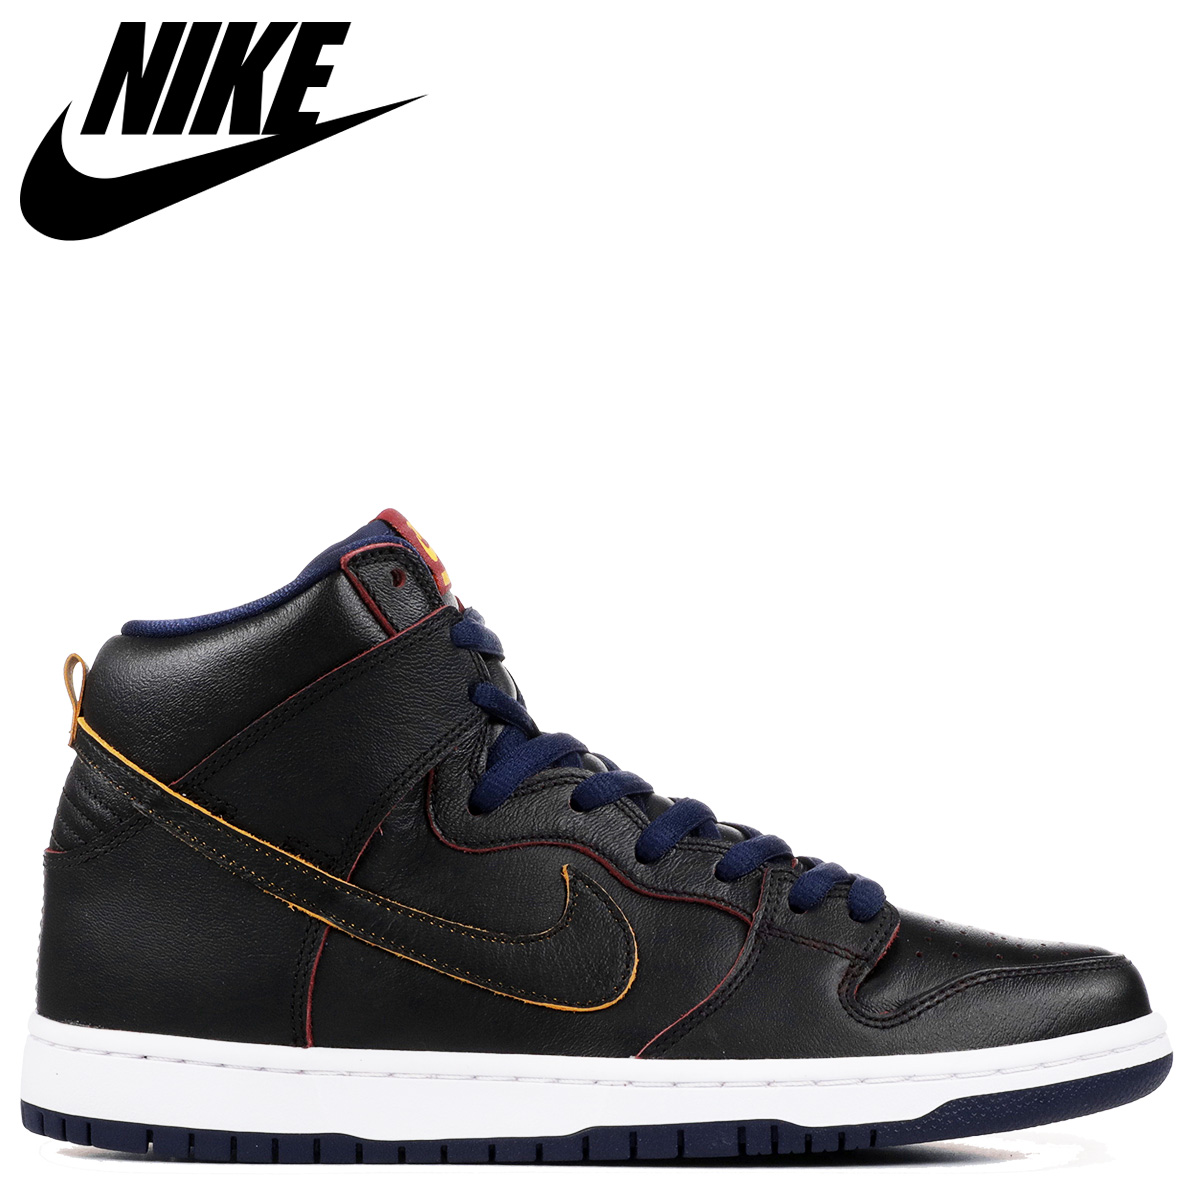 ナイキ NIKE SB ダンク ハイ スニーカー メンズ DUNK HIGH PRO NBA ブラック 黒 BQ6392-001 【zzi】【返品不可】